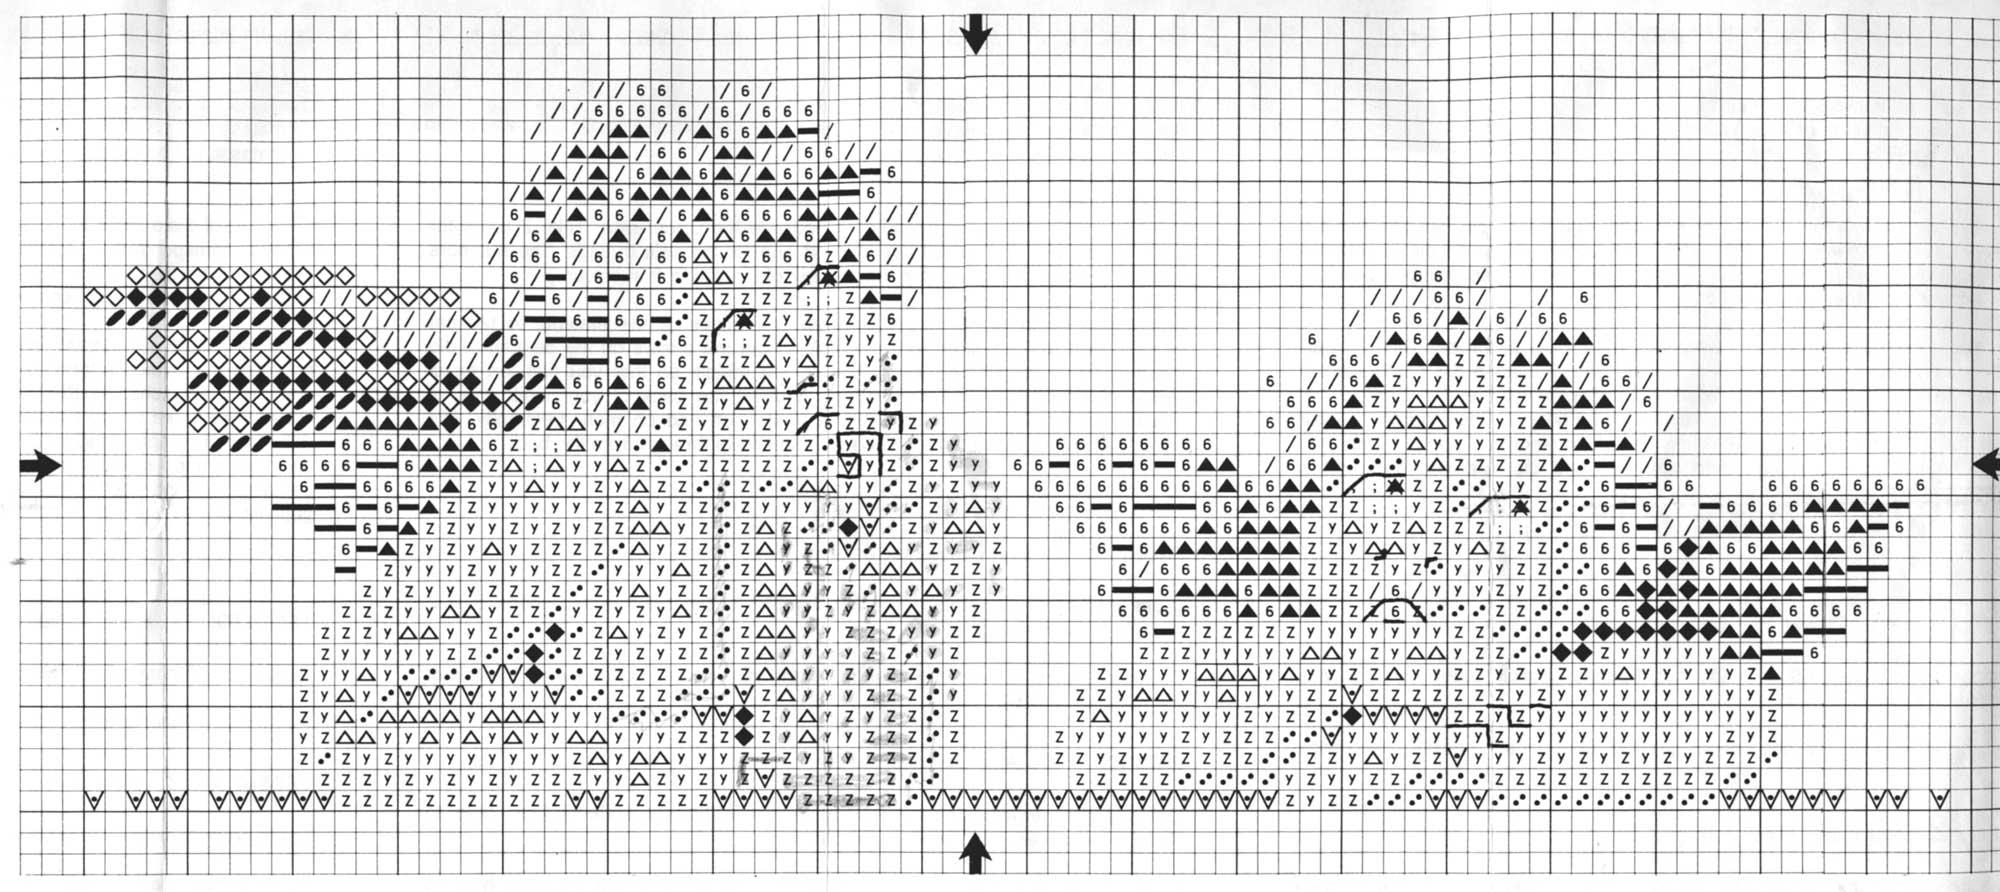 схемы вышивок крестом ланарте